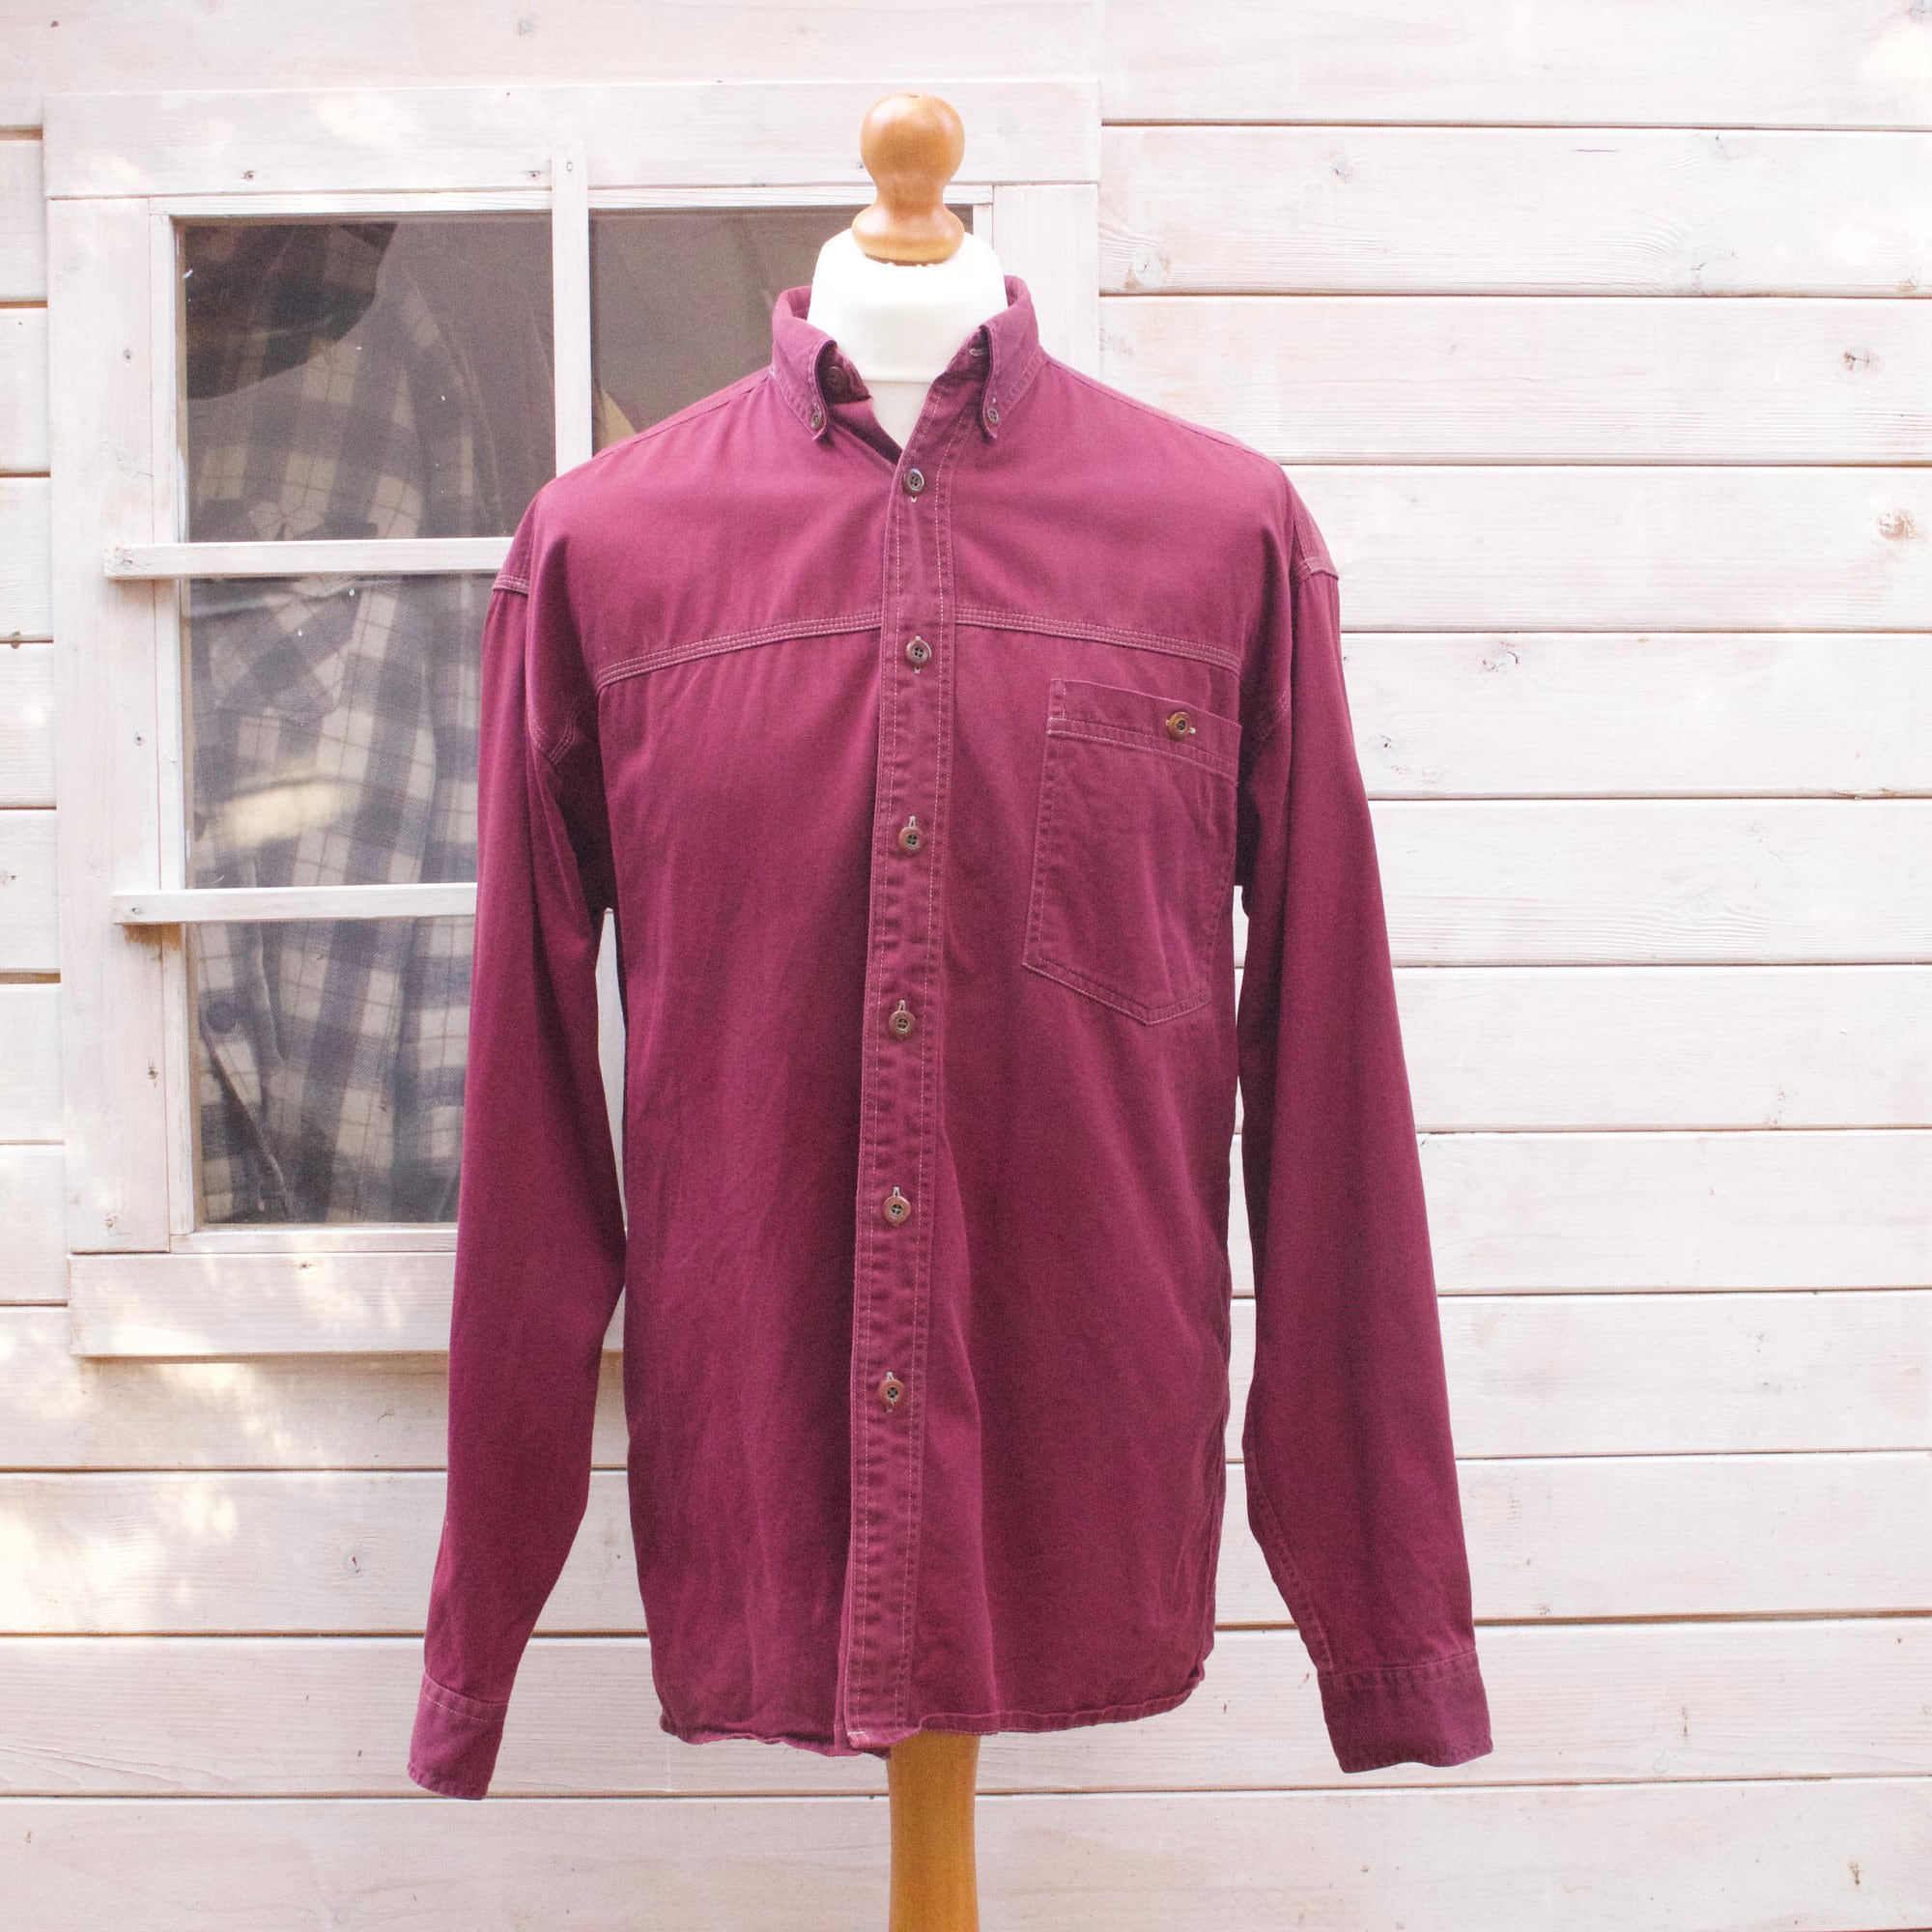 Vintage à manches longues, Bordeaux vers le bas de la taille- chemise  grande taille 32a3cbd8d214